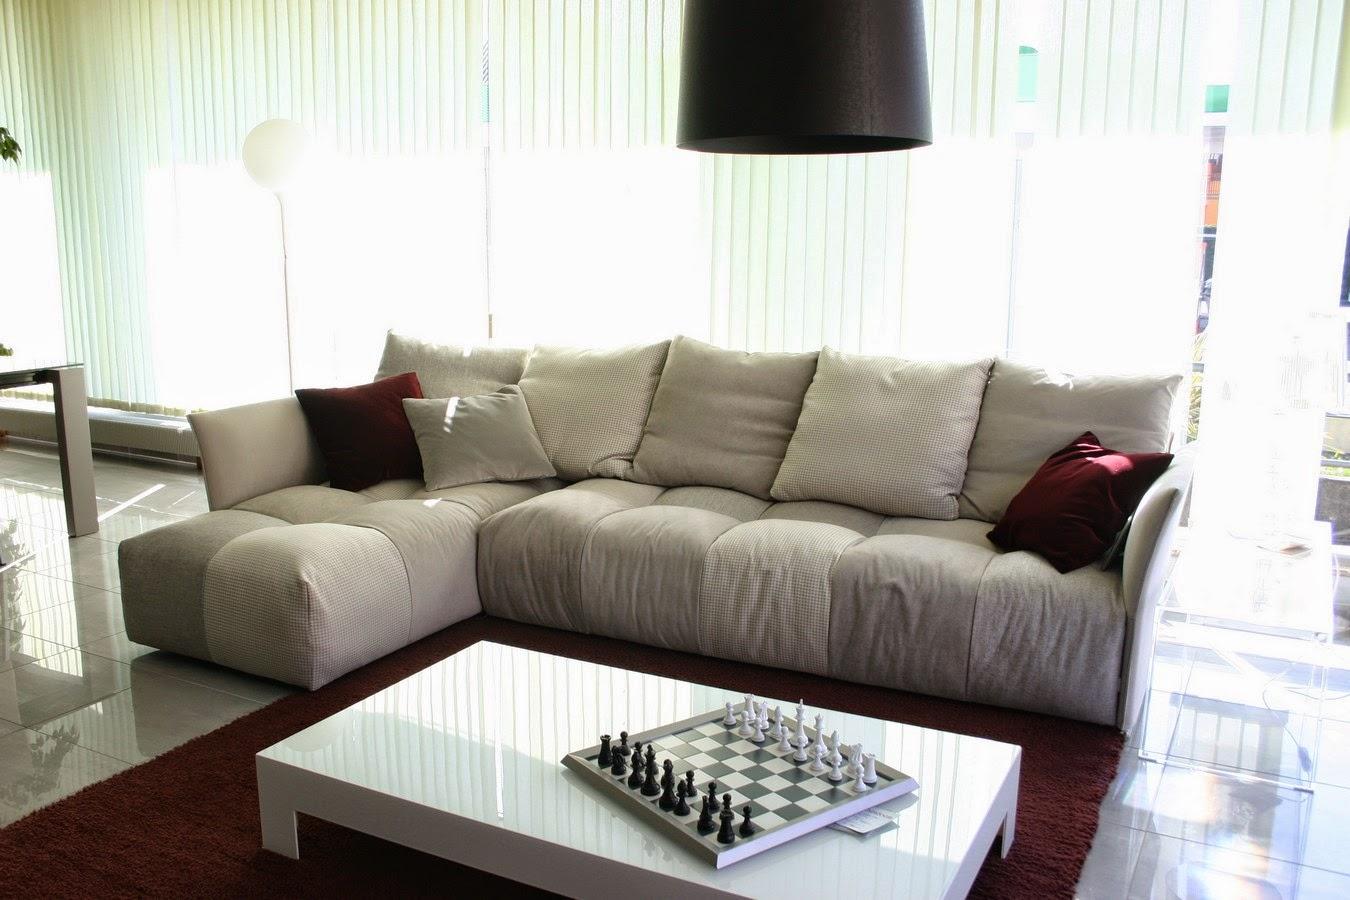 Stunning Divani E Divani Lecce Ideas - Casa & Design 2018 ...